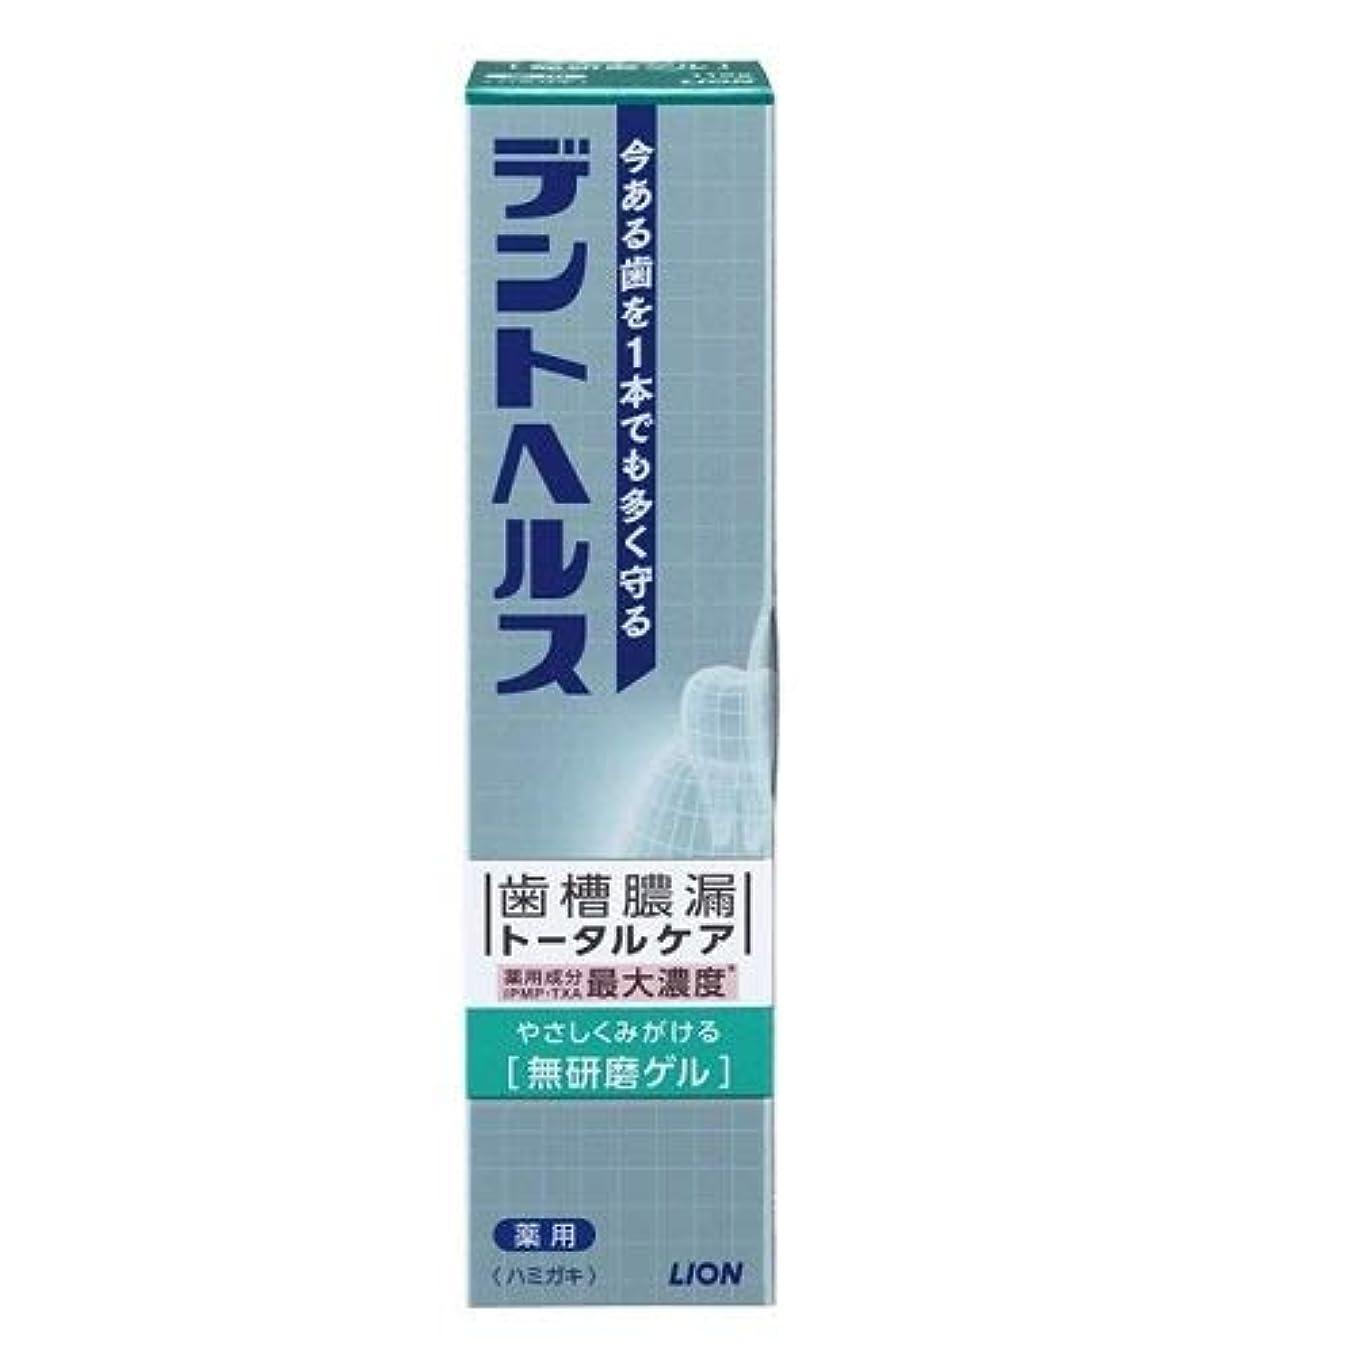 やけど品揃え過半数ライオン デントヘルス 薬用ハミガキ 無研磨ゲル 115g (医薬部外品)× 4